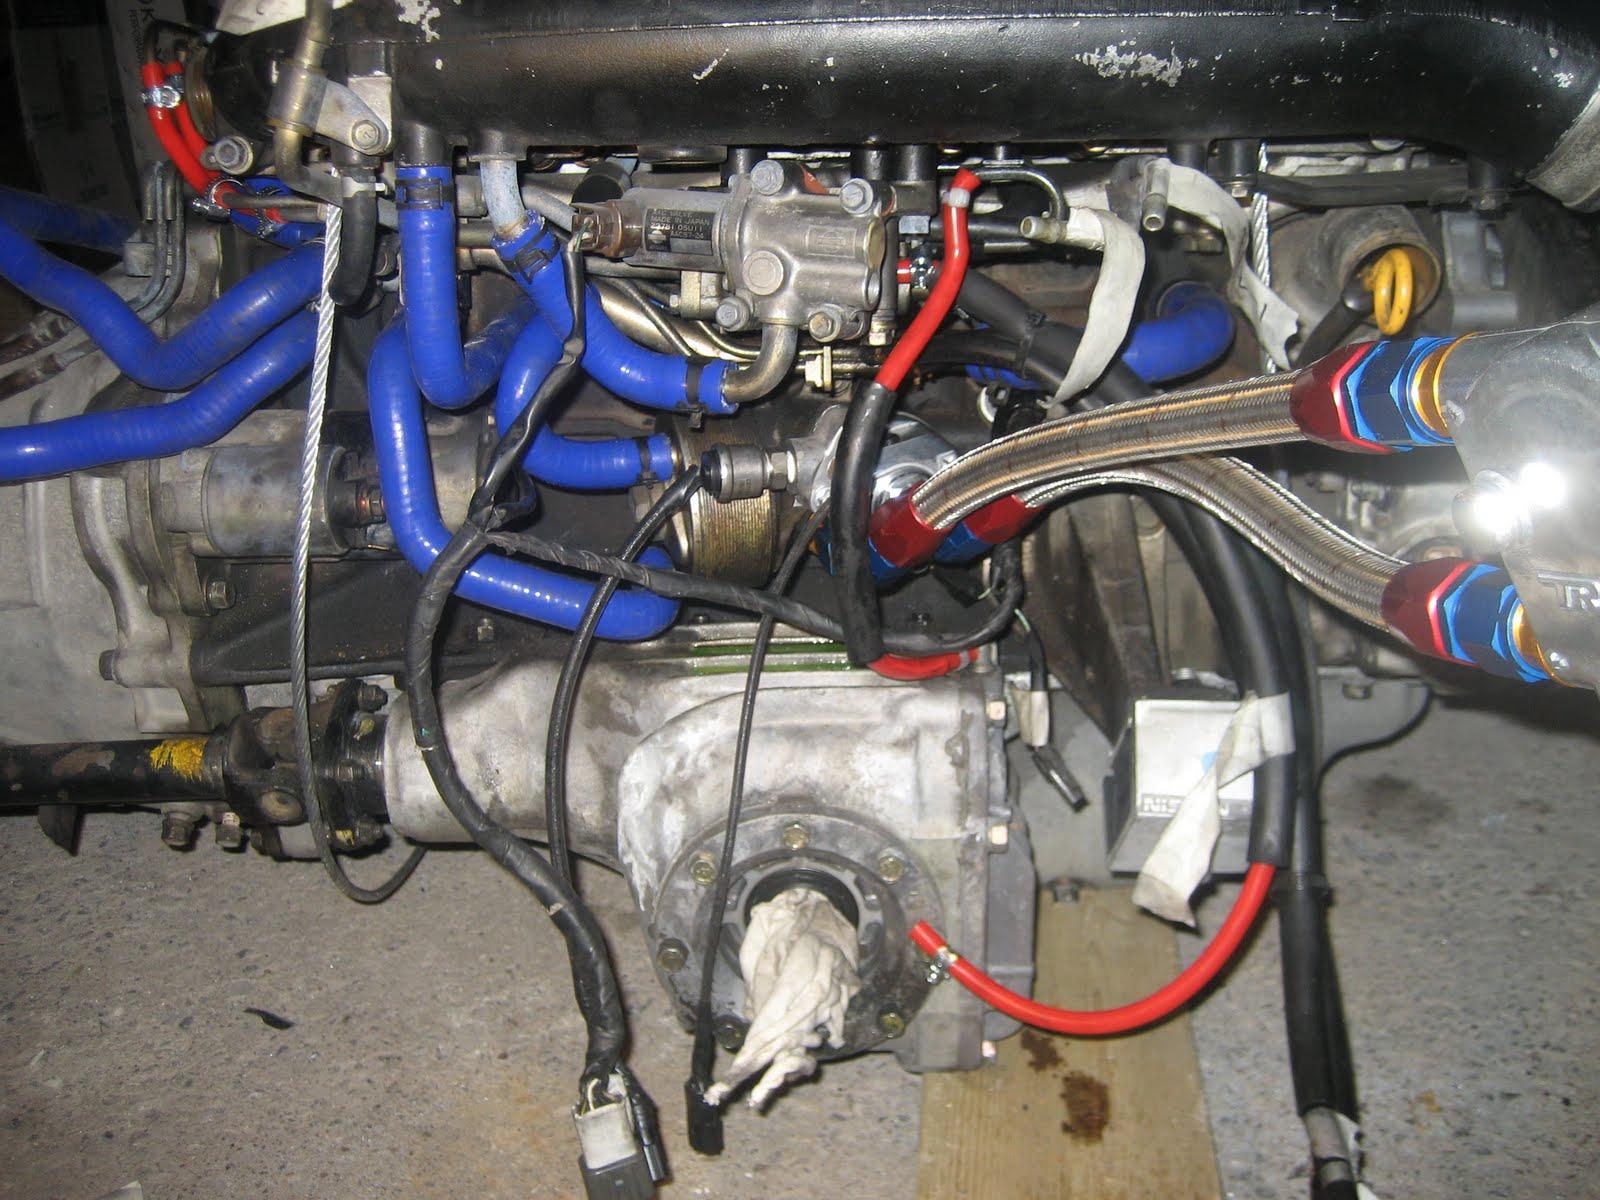 rb26 engine turbo swap upgrade and engine overhaul guide rh skylife4ever com